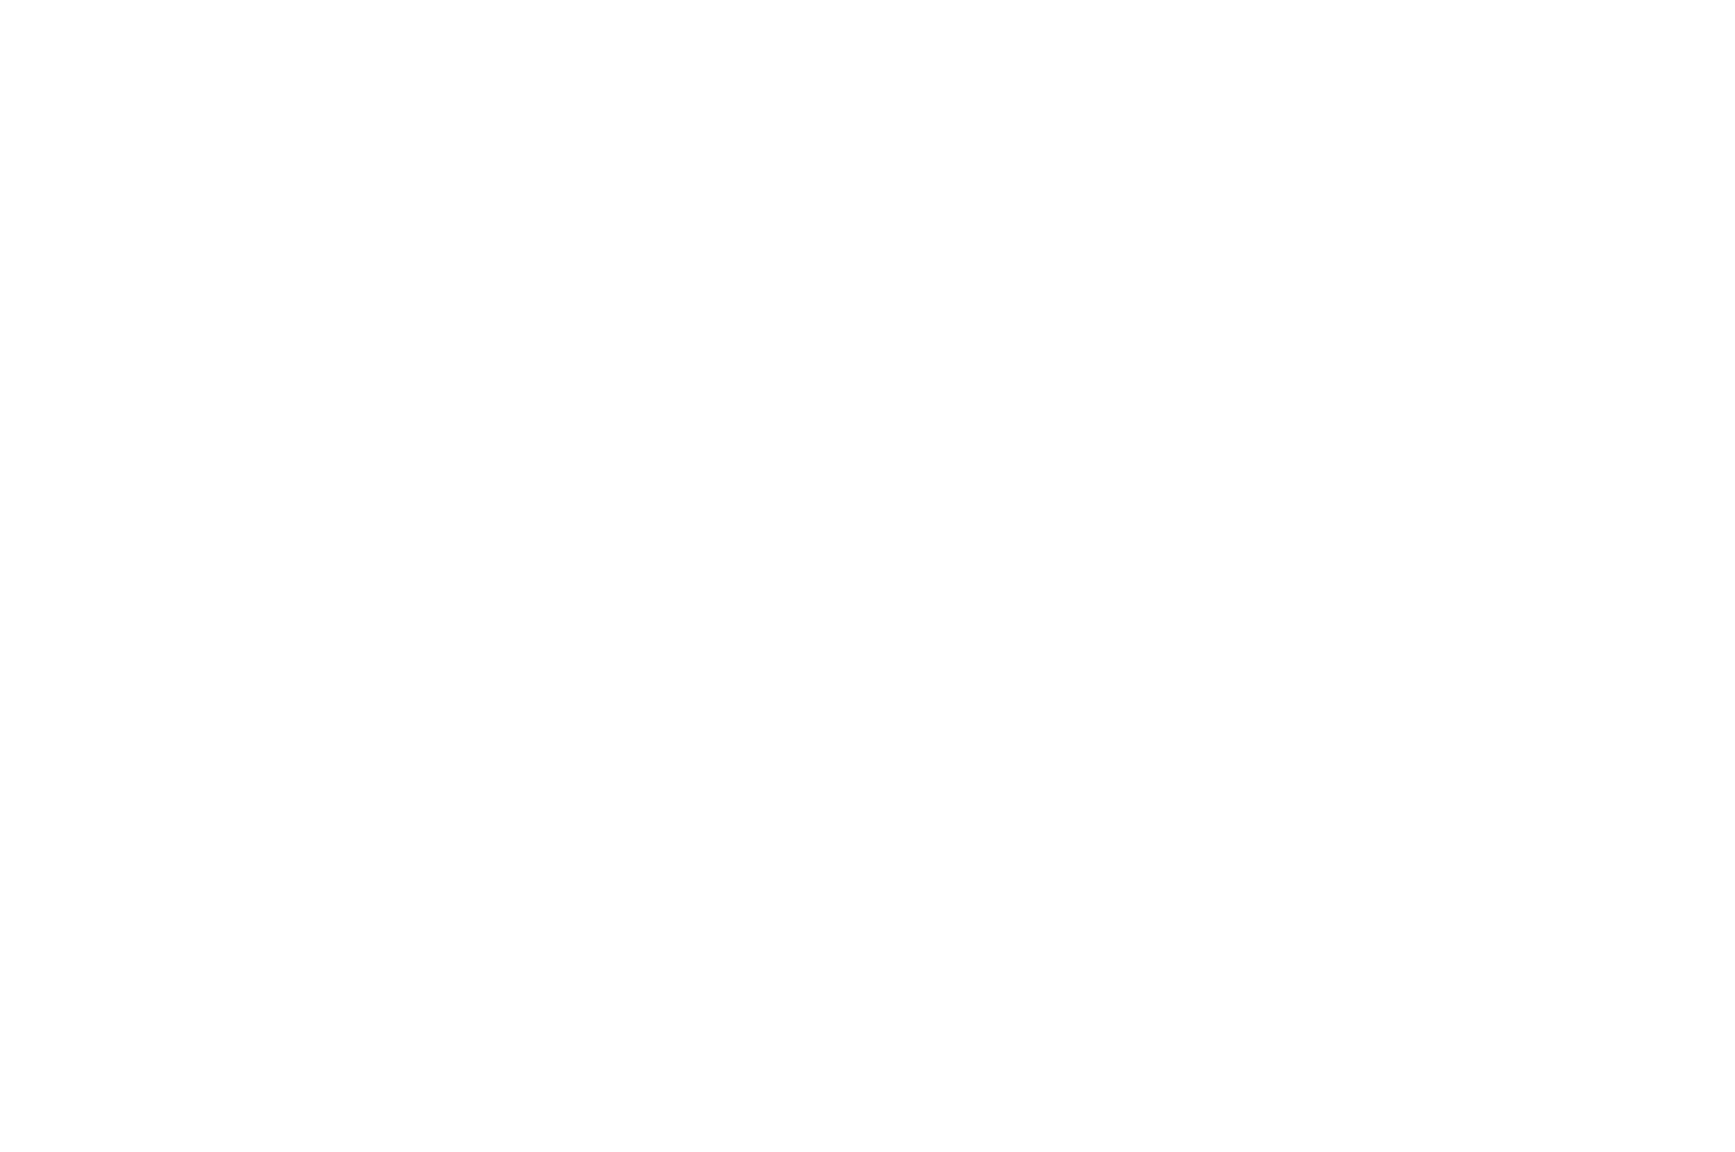 CANNES FILM FESTIVAL  - MARCHE DU FILM  - 2016 (1).png